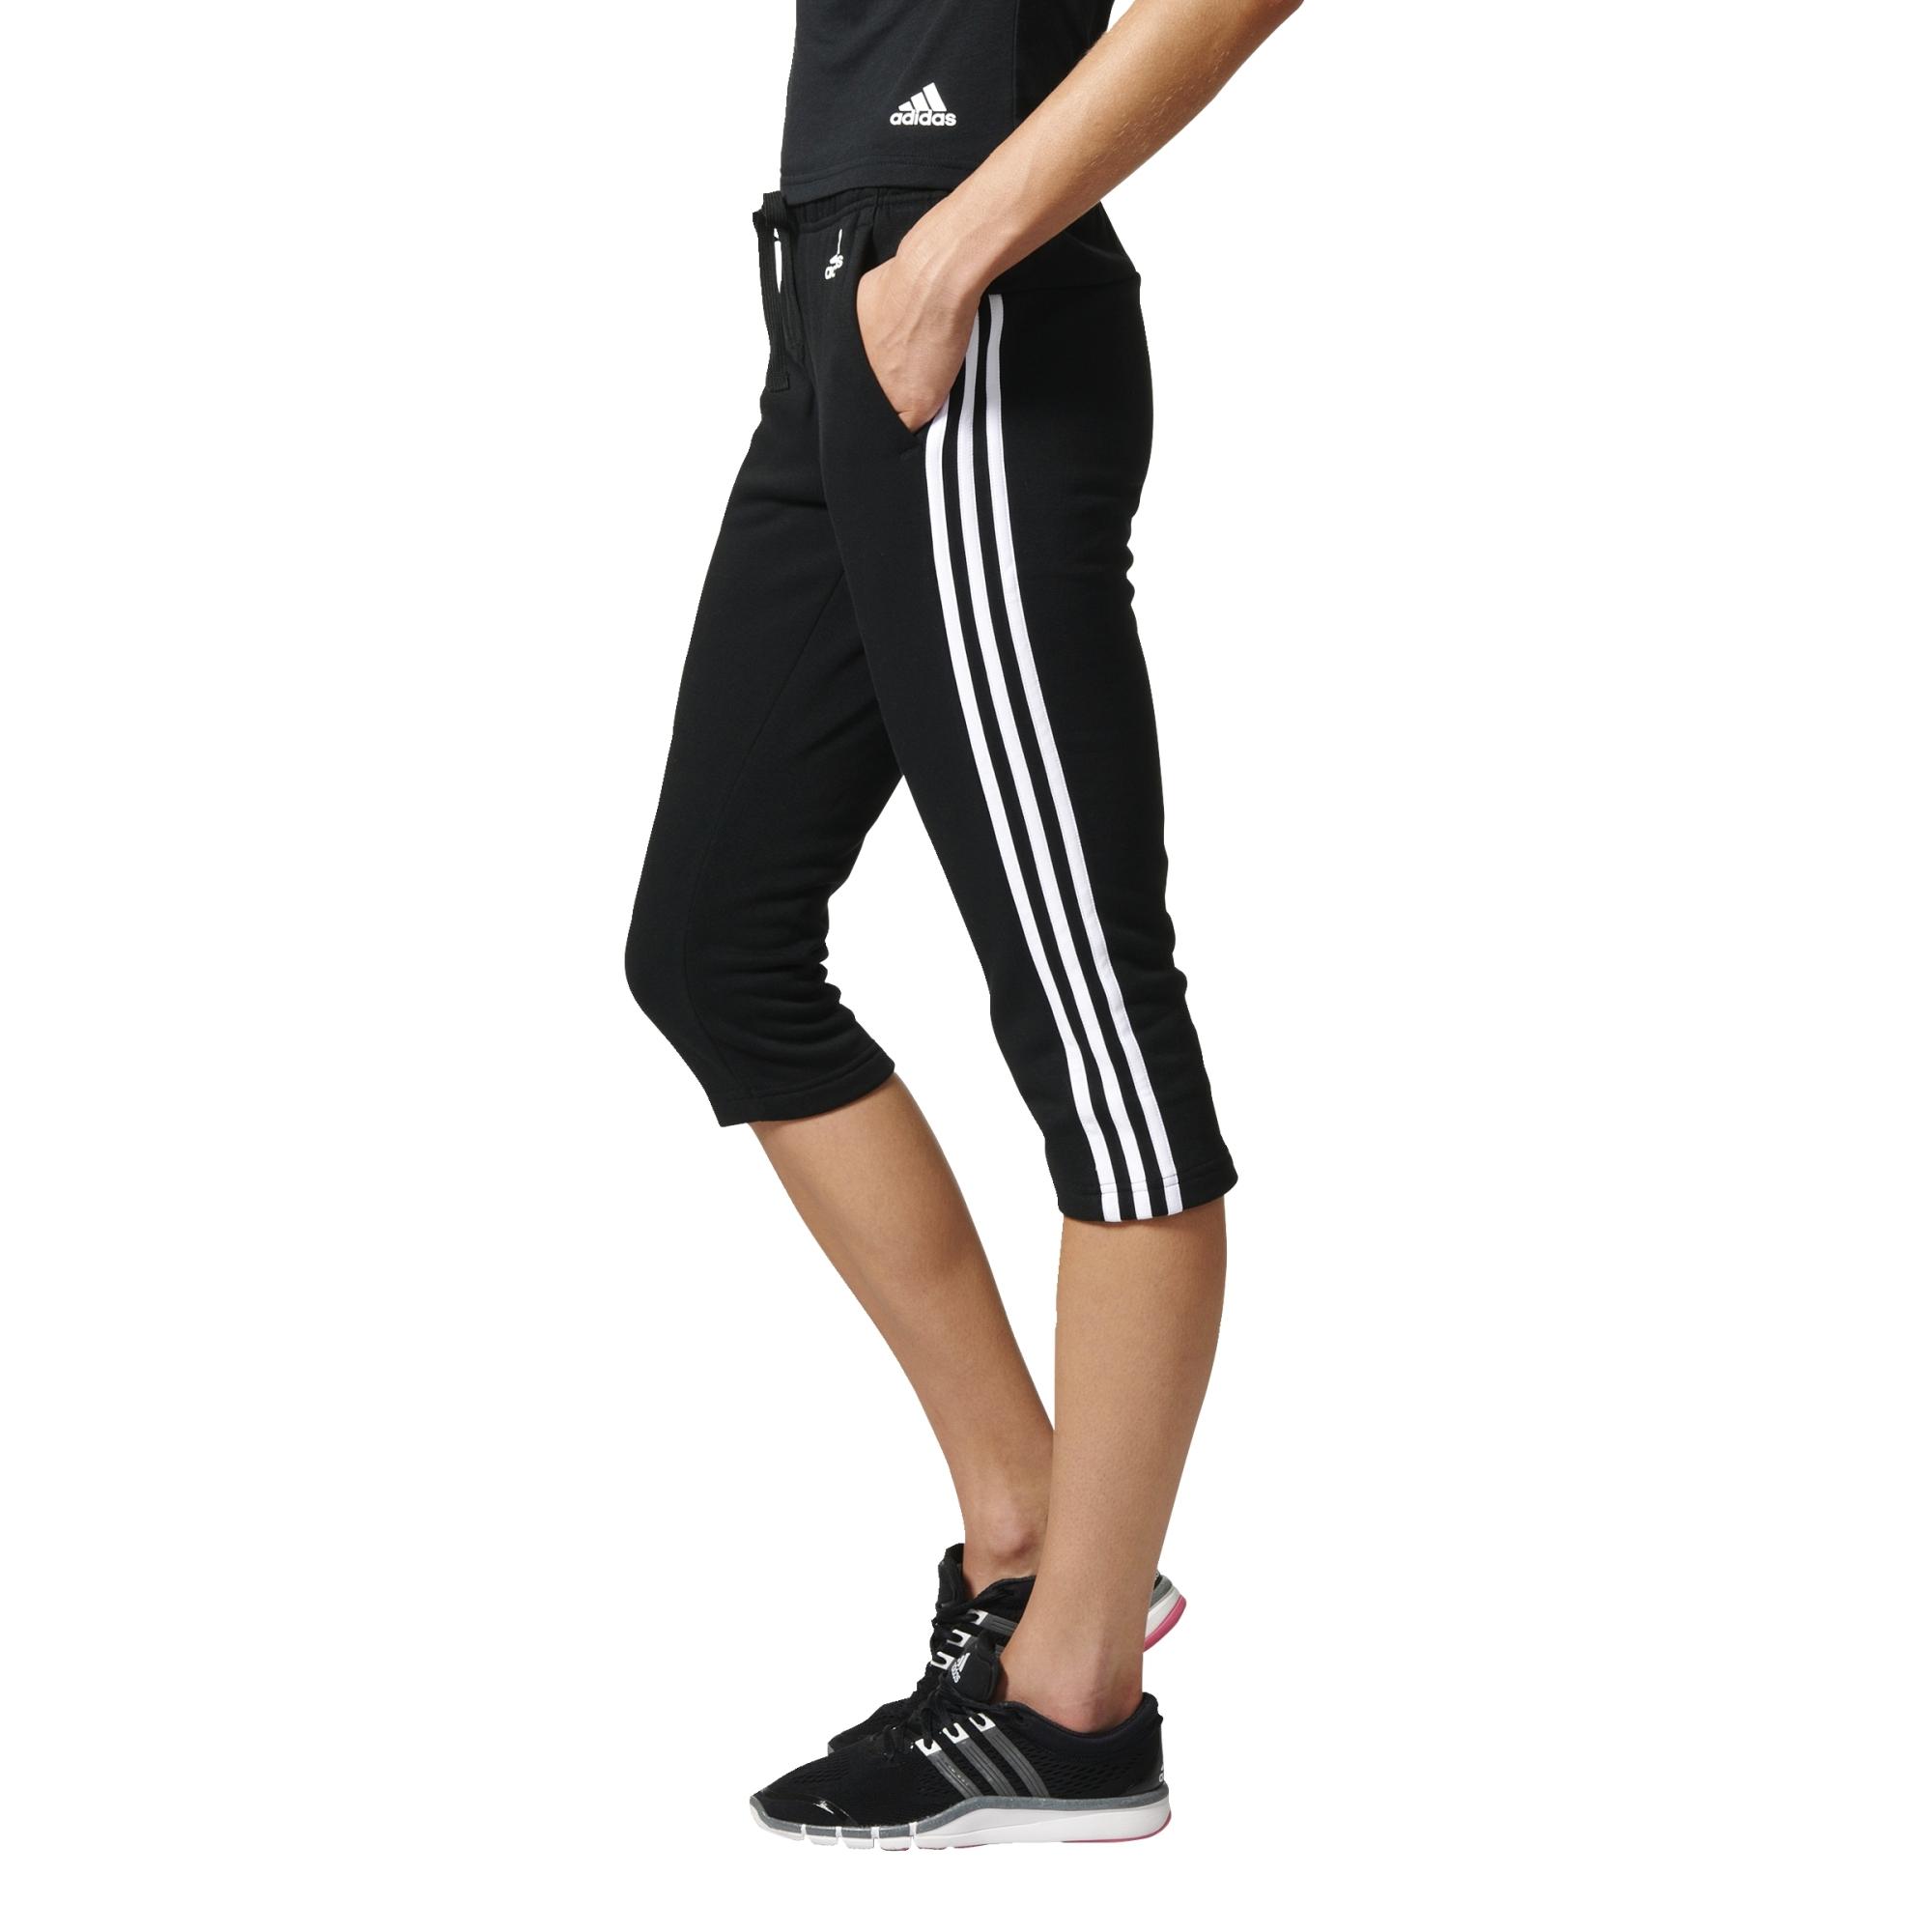 Adidas Pantalon Femme 3 34 Essentials Stripes Yf6b7gyv